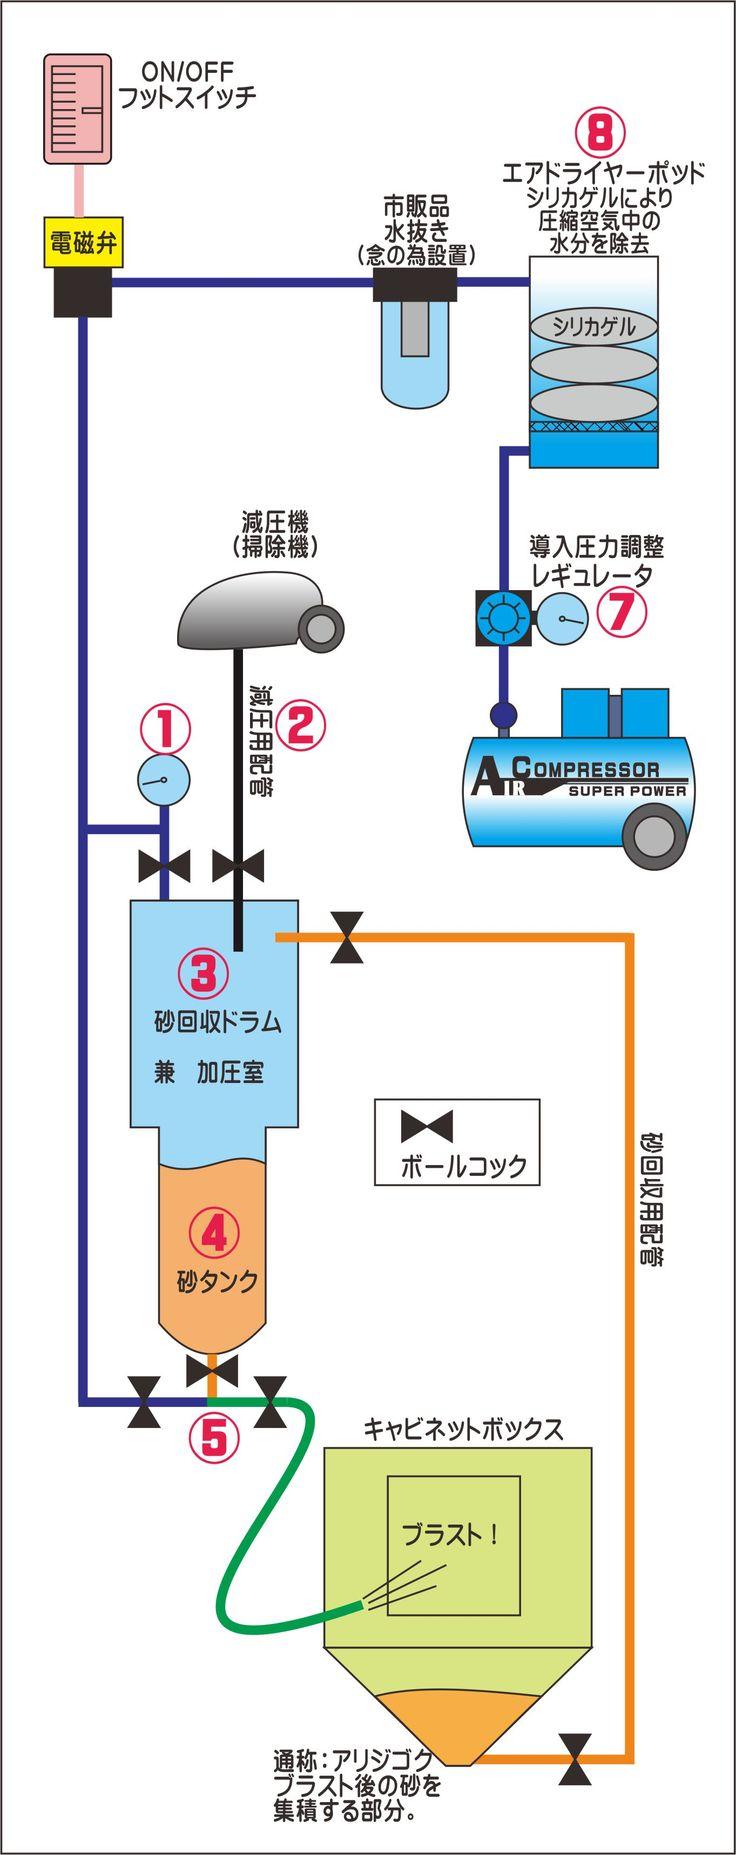 サンドブラストマシン模式図